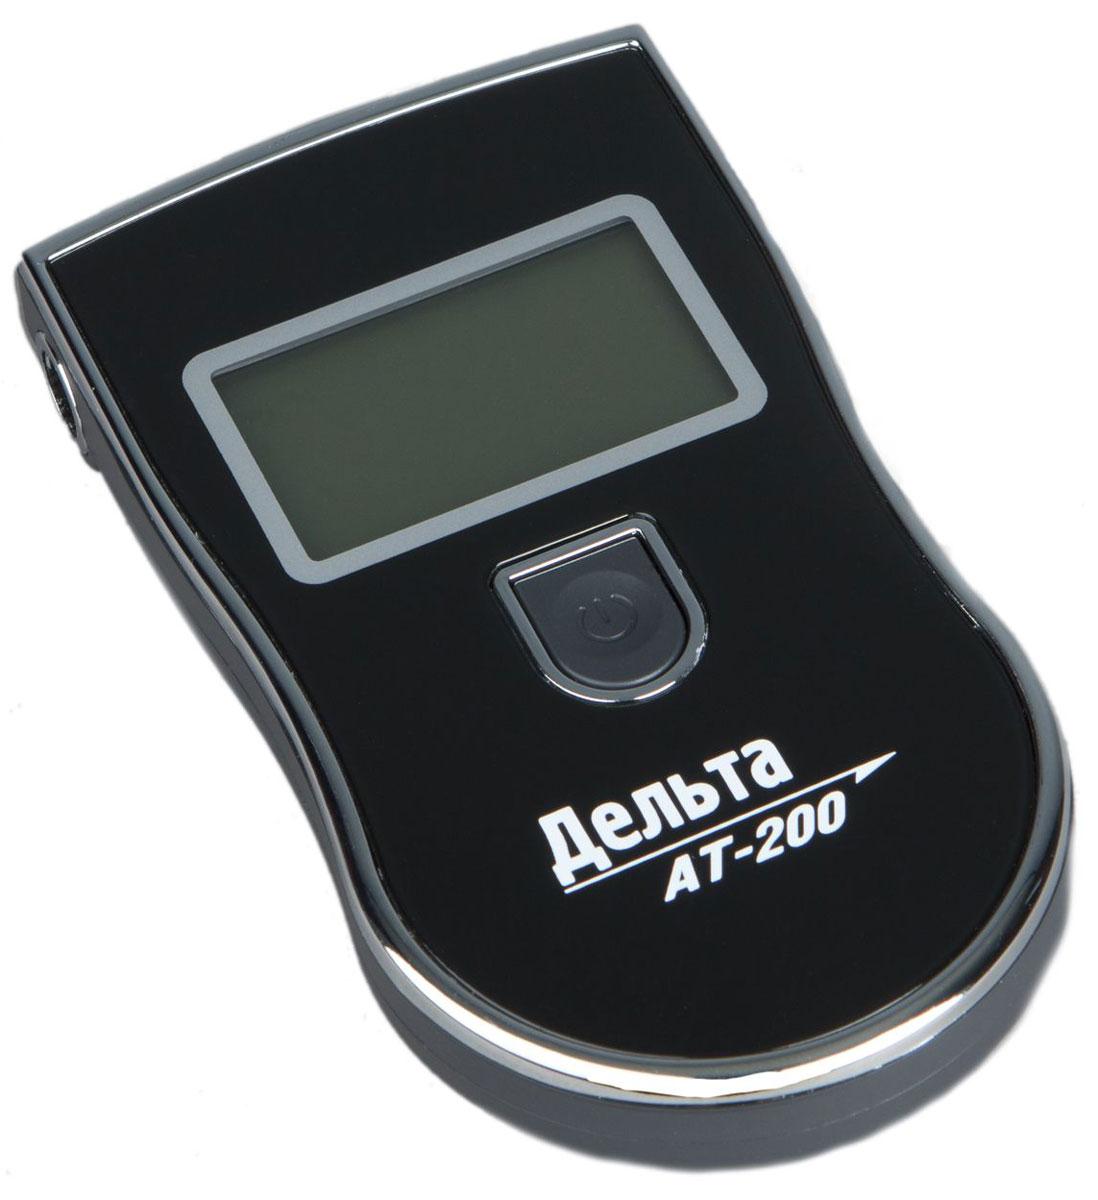 Дельта АТ 200, Black алкотестер2012506202008Персональный алкогольный тестер Дельта АТ-200 предназначен для определения содержания паров алкоголя в выдыхаемом воздухе. Имея небольшие размеры и встроенный отсек для сменных мундштуков (5 шт. в комплекте) он очень компактен и удобен в использовании. Концентрация алкоголя определяется высокотехнологичным полупроводниковым газовым сенсором - анализатором. Результат измерений выводится на удобный и большой жидкокристаллический дисплей.Диапазон: 0.00 - 1.99 промиллеПогрешность: ± 10 %Время измерения: 5 сВремя прогрева: 20 сДиапазон температур: -10...+ 50 °CЗвуковой сигналХранение сменных мундштуков в корпусе